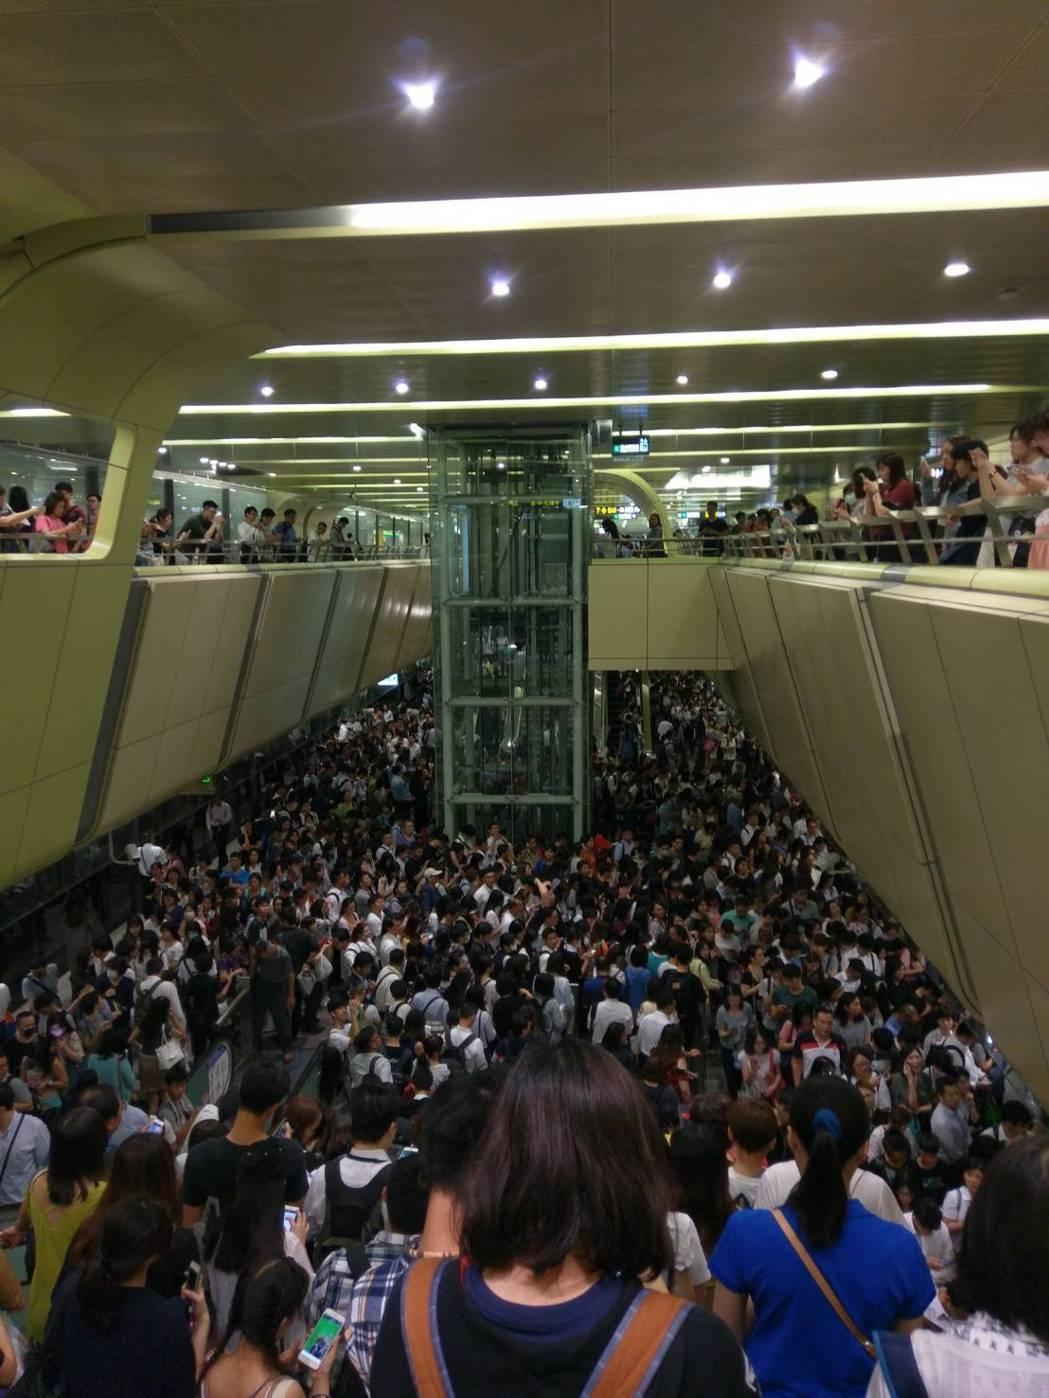 上個月瑪莉亞颱風來襲,北北基當天下午4時停班停課,台北捷運擠滿民眾,有人戲稱「4...